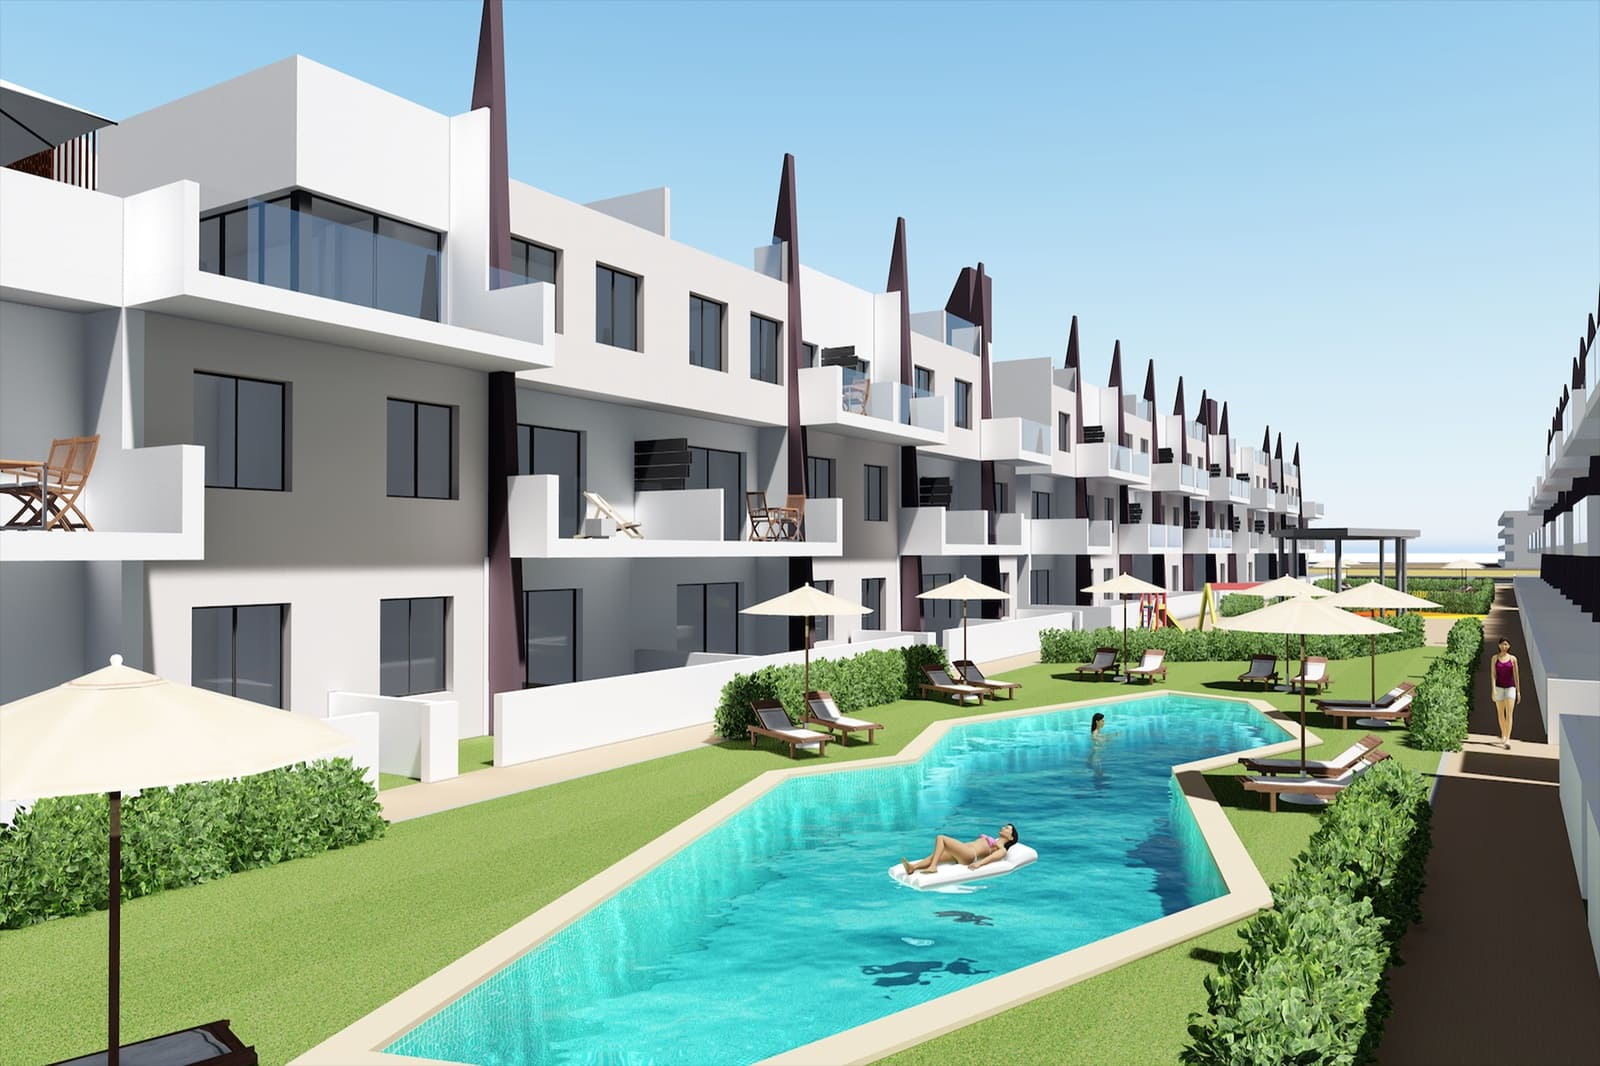 Apartamento de 3 habitaciones en Pilar de la Horadada en venta con piscina - 229.900 € (Ref: 4293389)